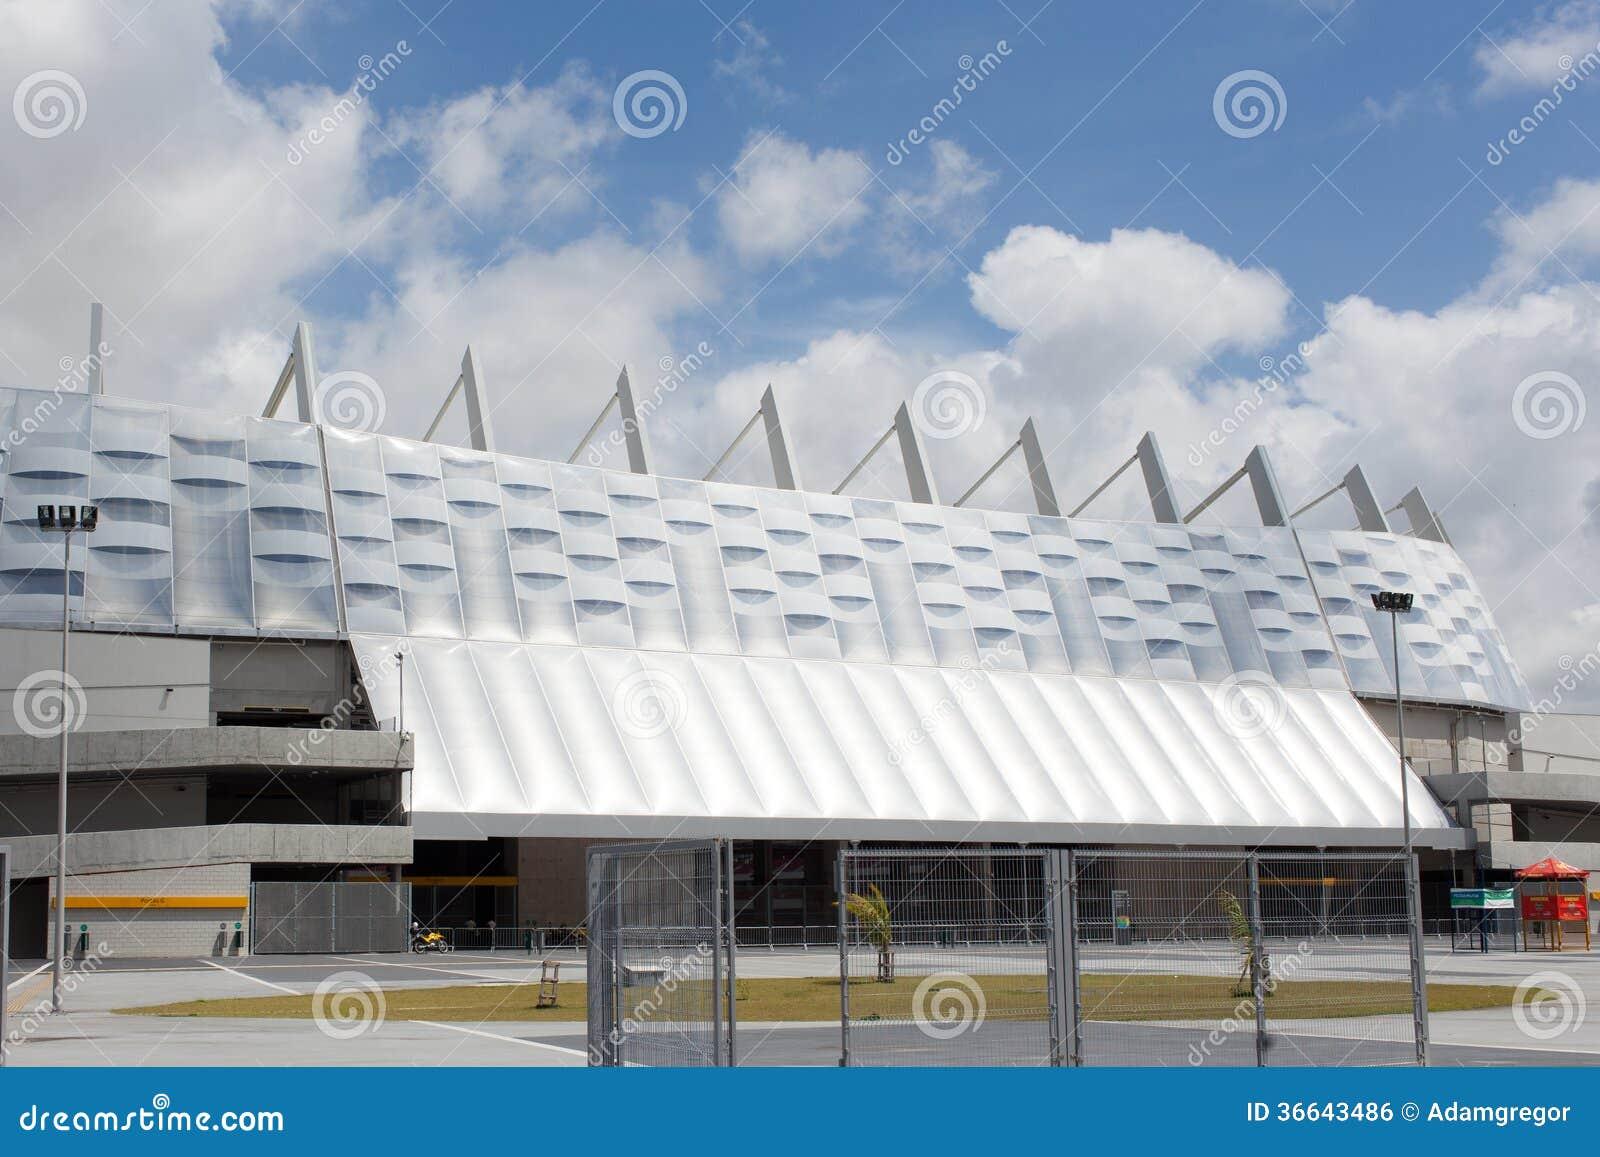 Arena de Pernambuco en Recife en el Brasil